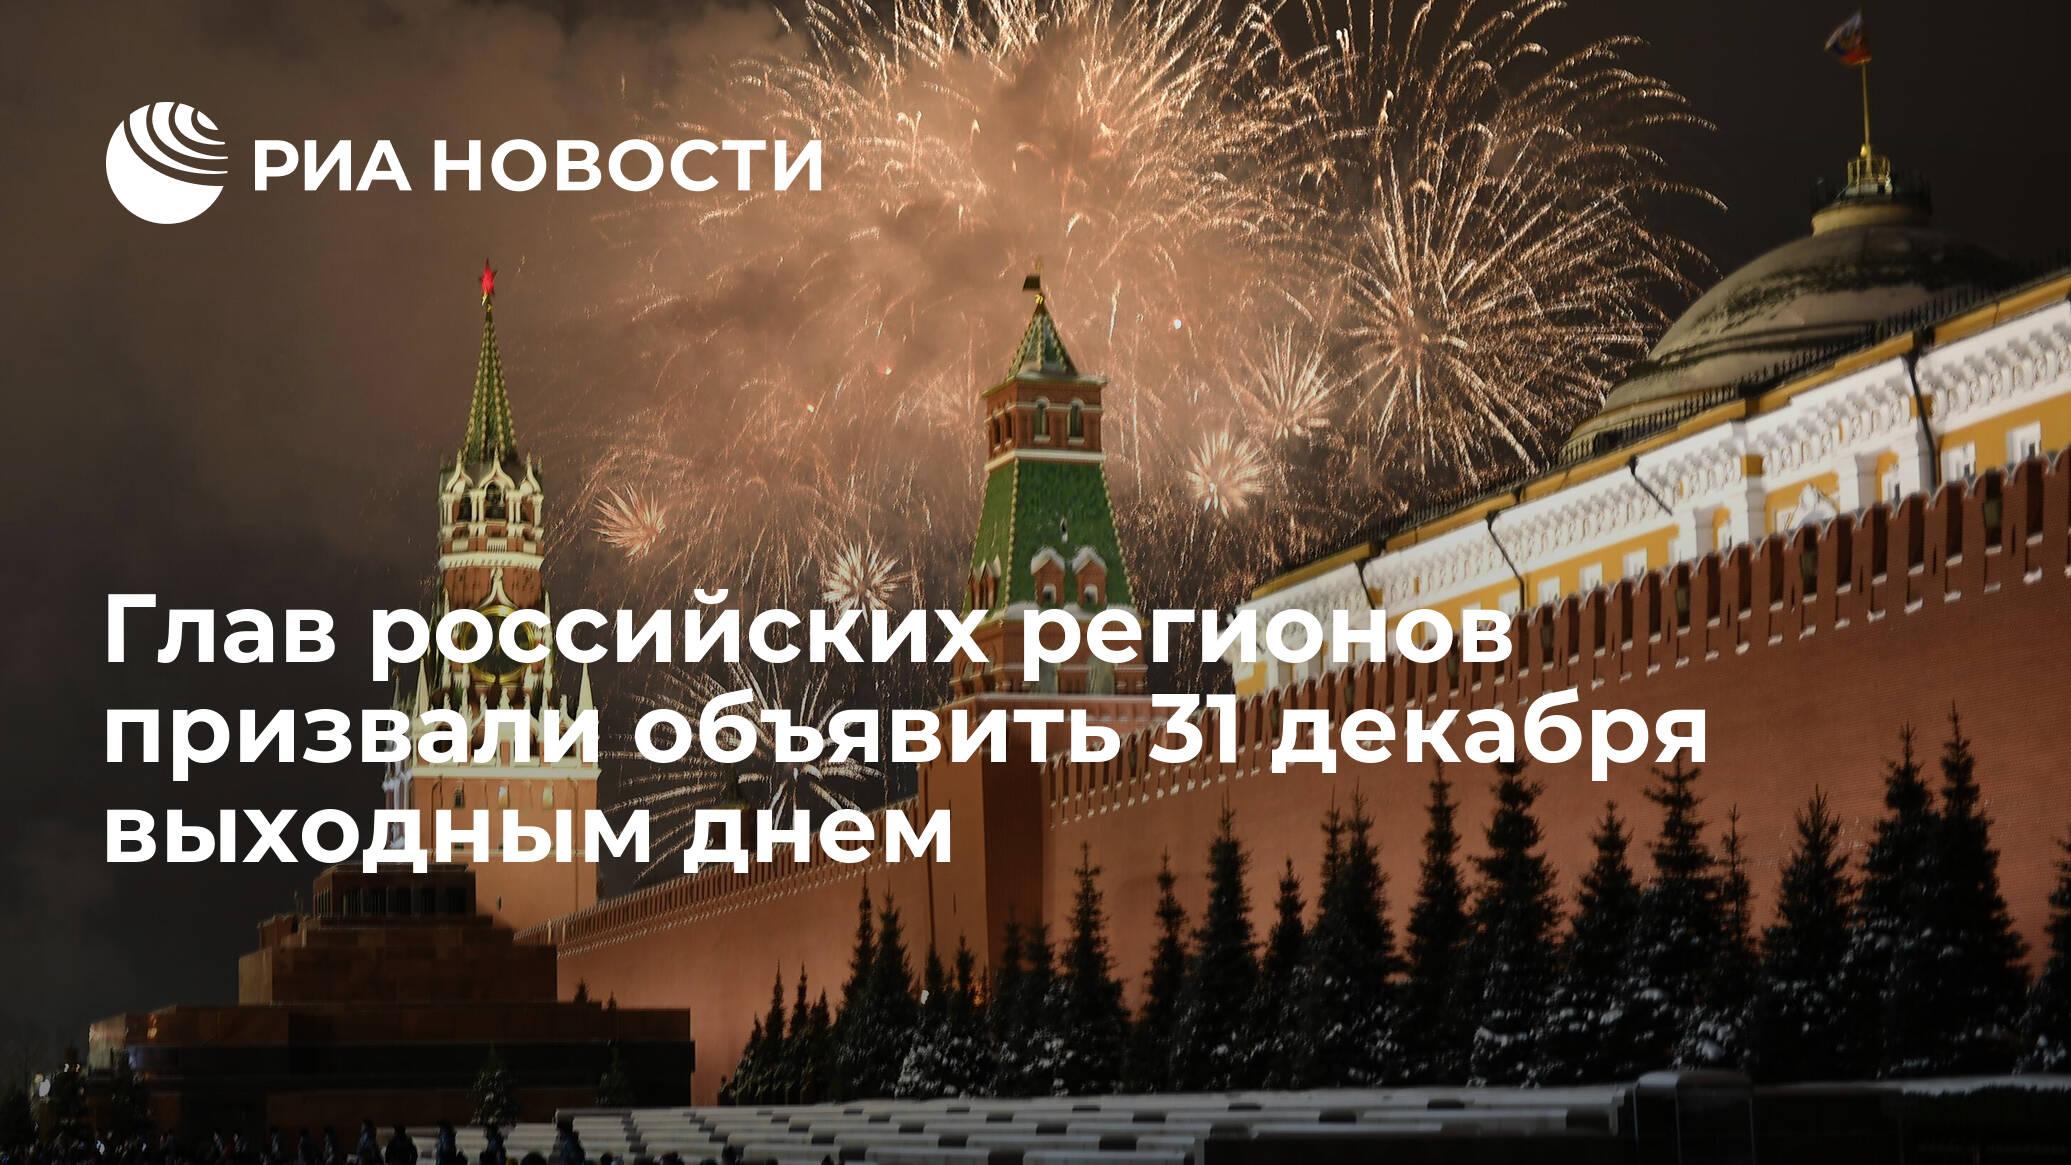 Глав российских регионов призвали объявить 31 декабря выходным днем